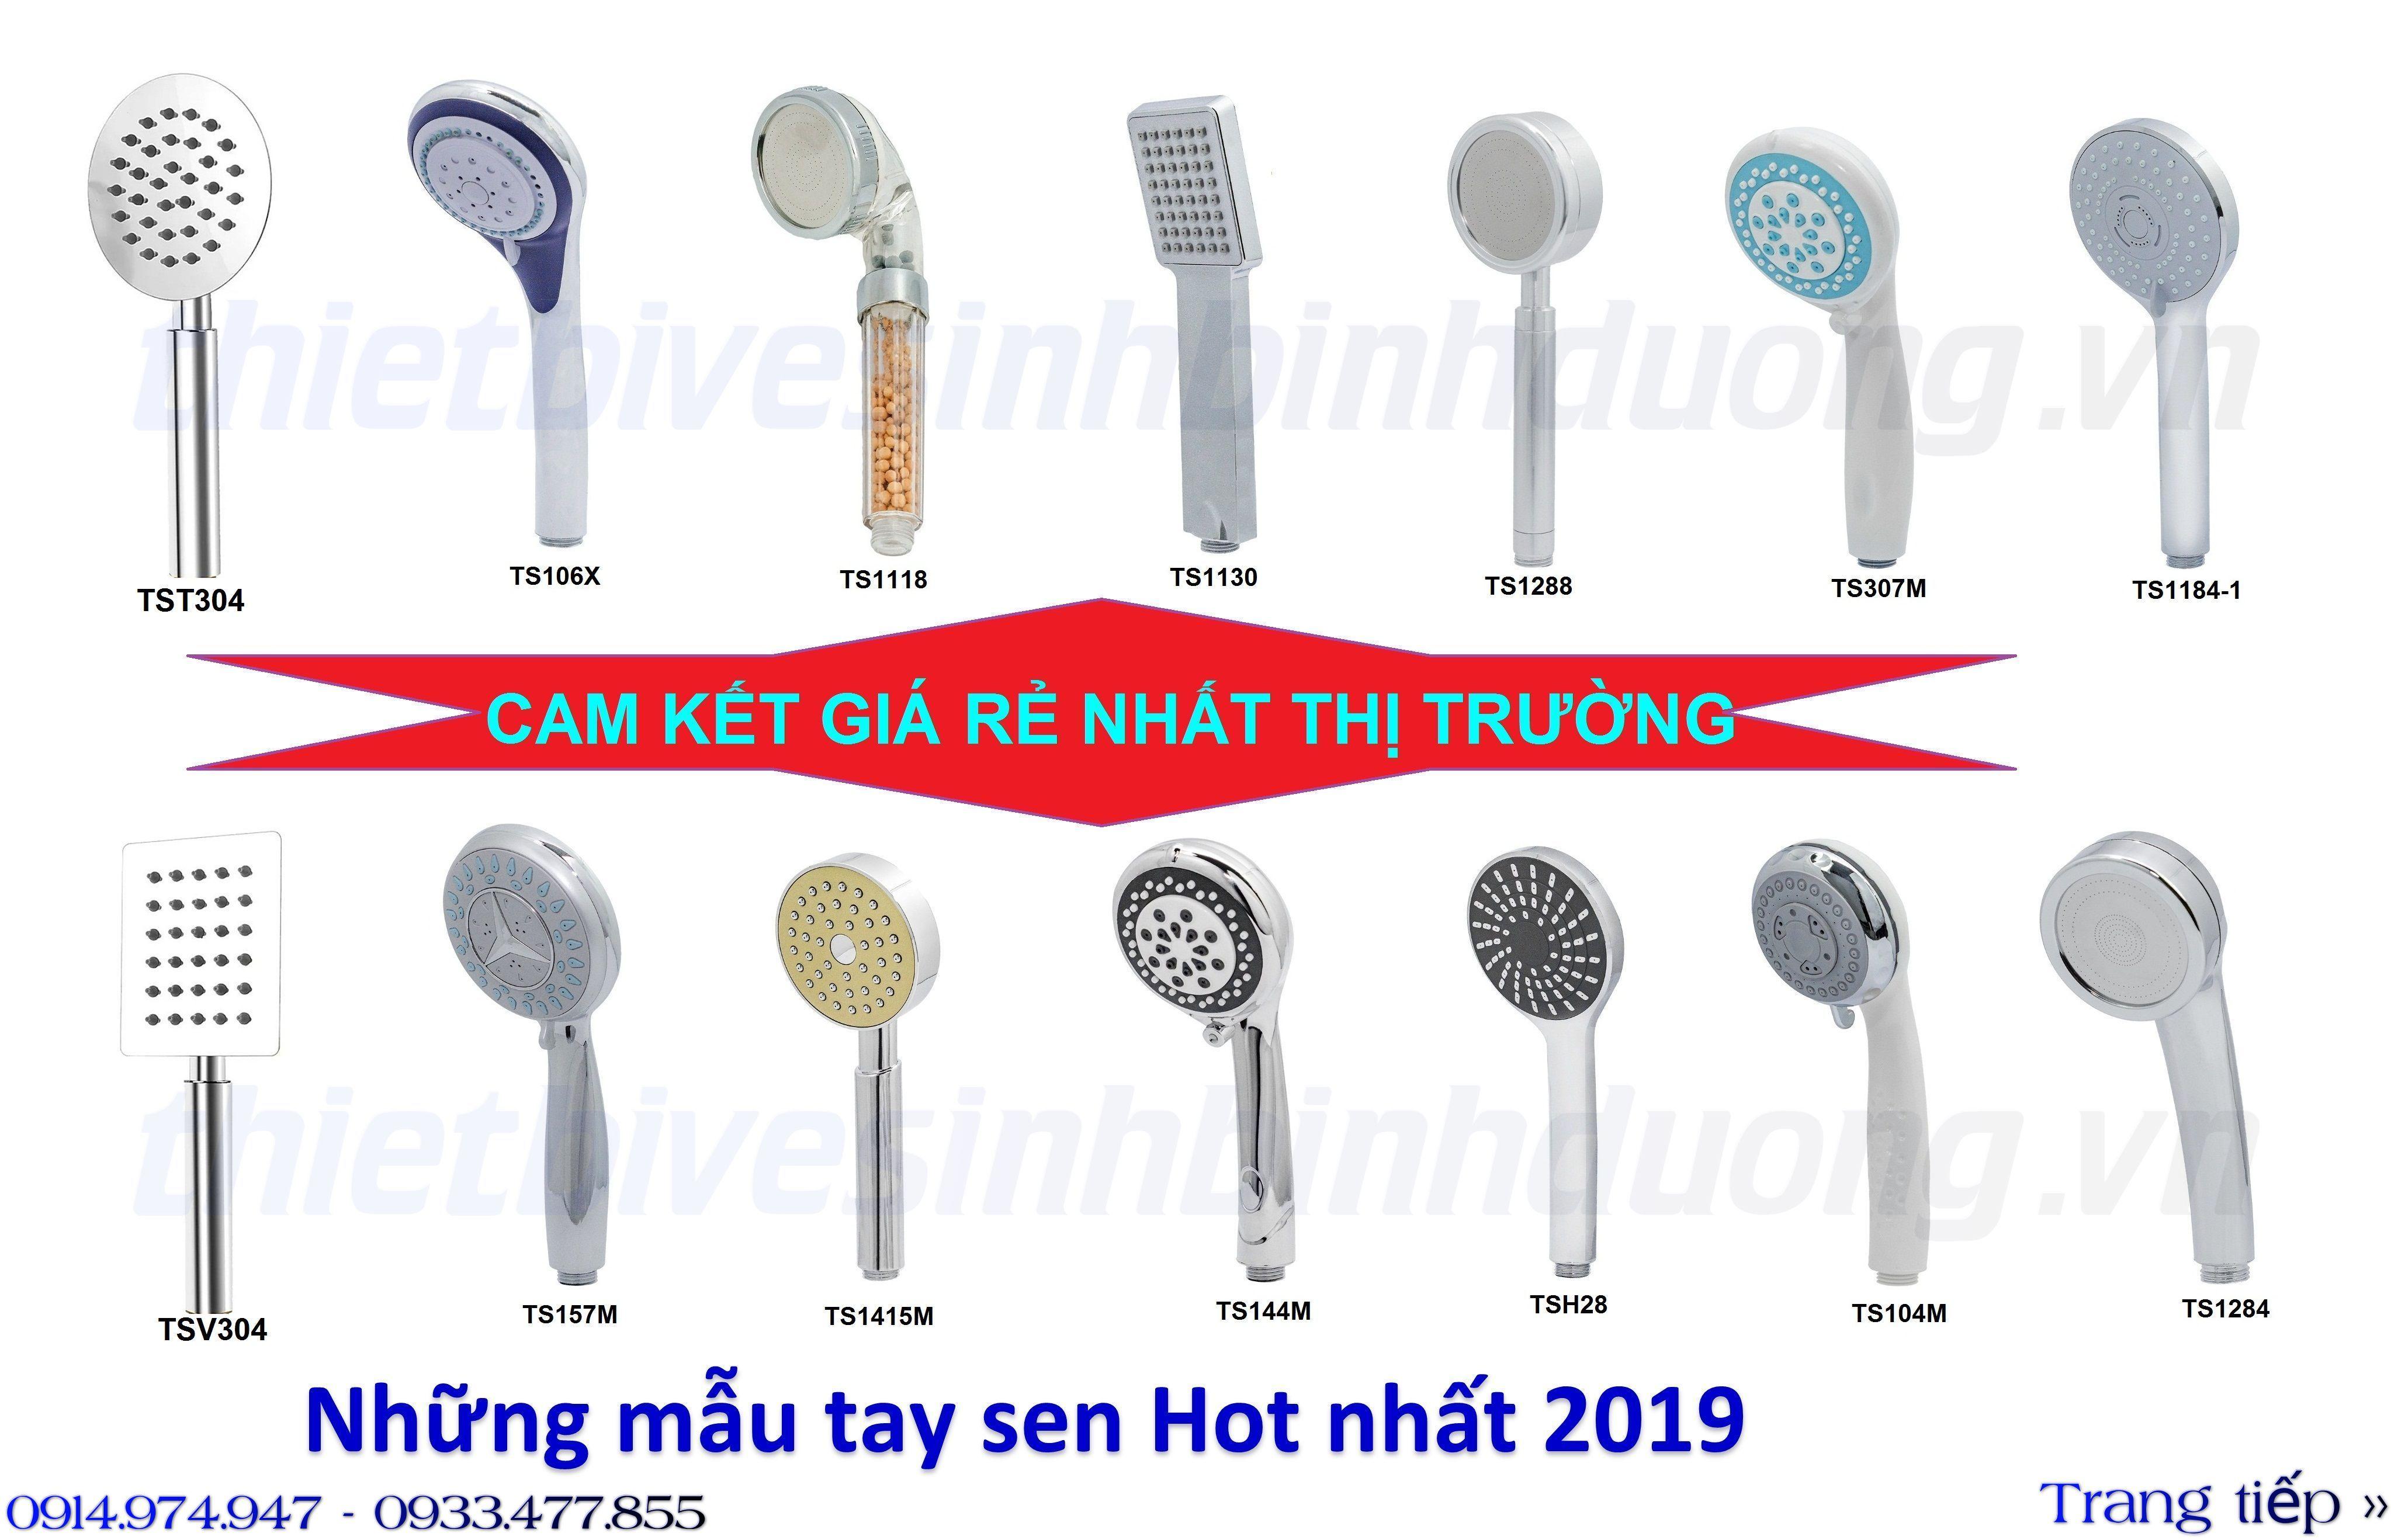 km36-voi-lavabo-voi-chen-tay-sen-phu-kien